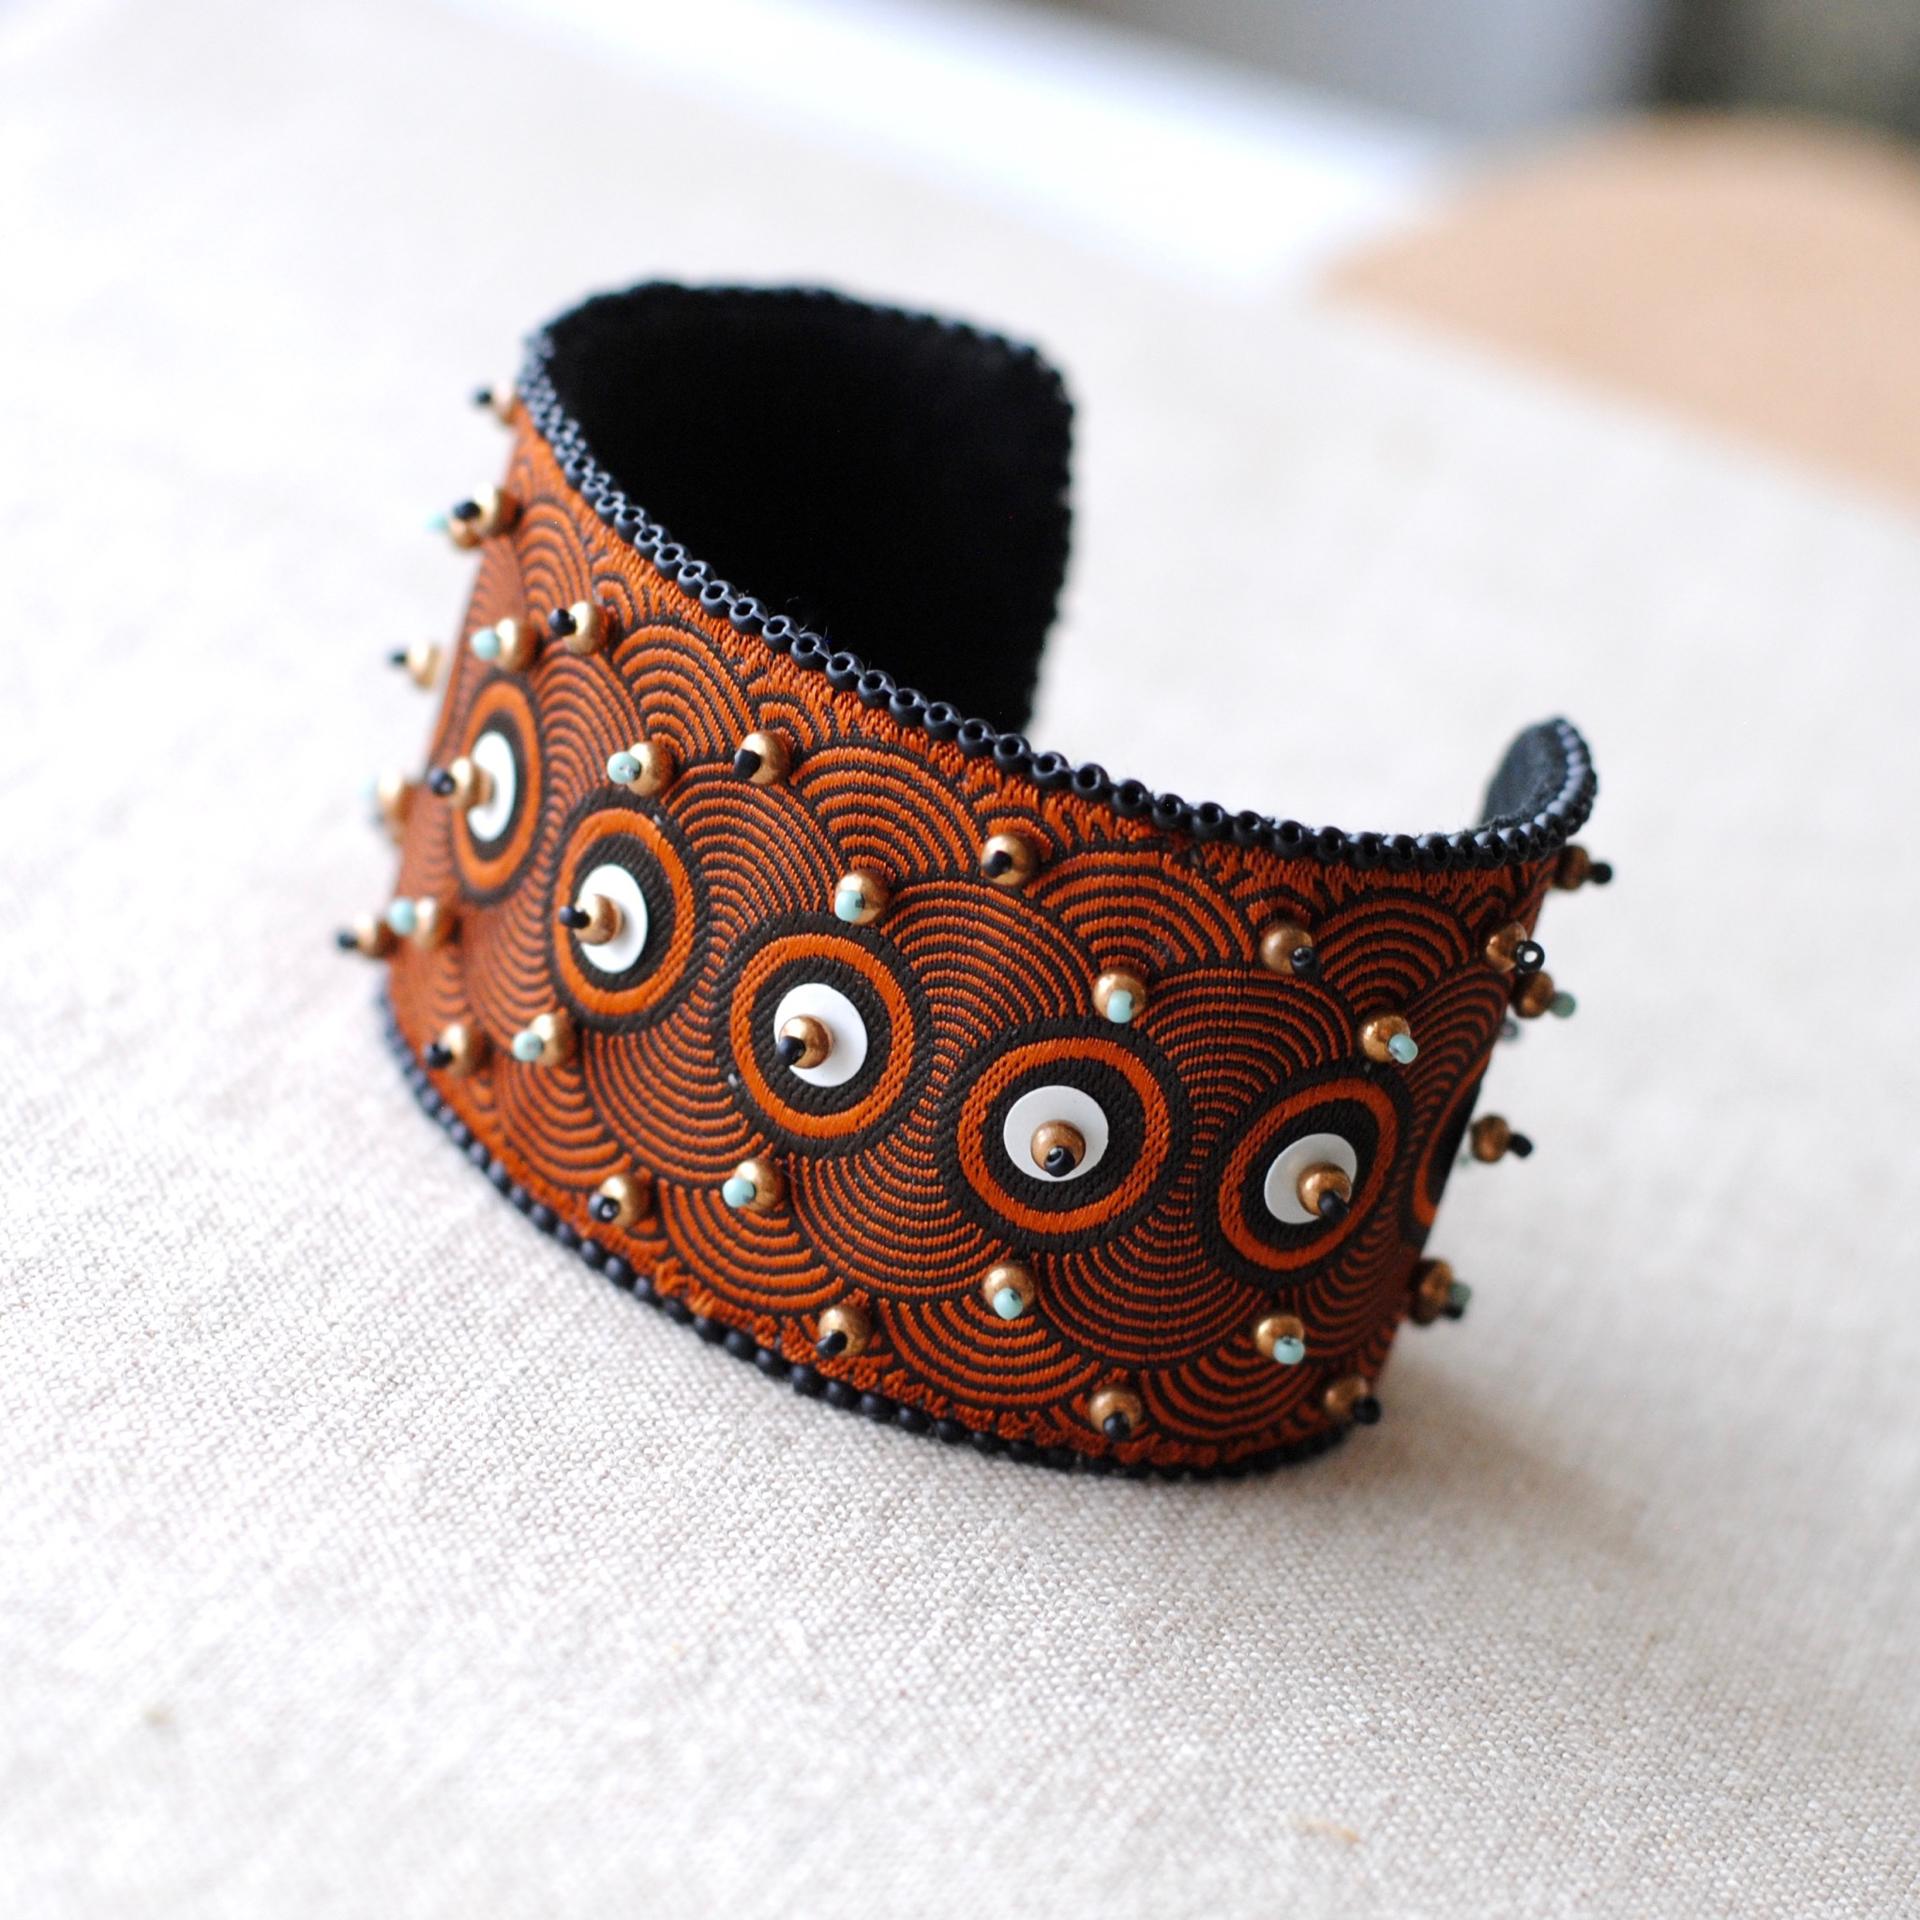 B036 Bracelet  by Sam Taylor